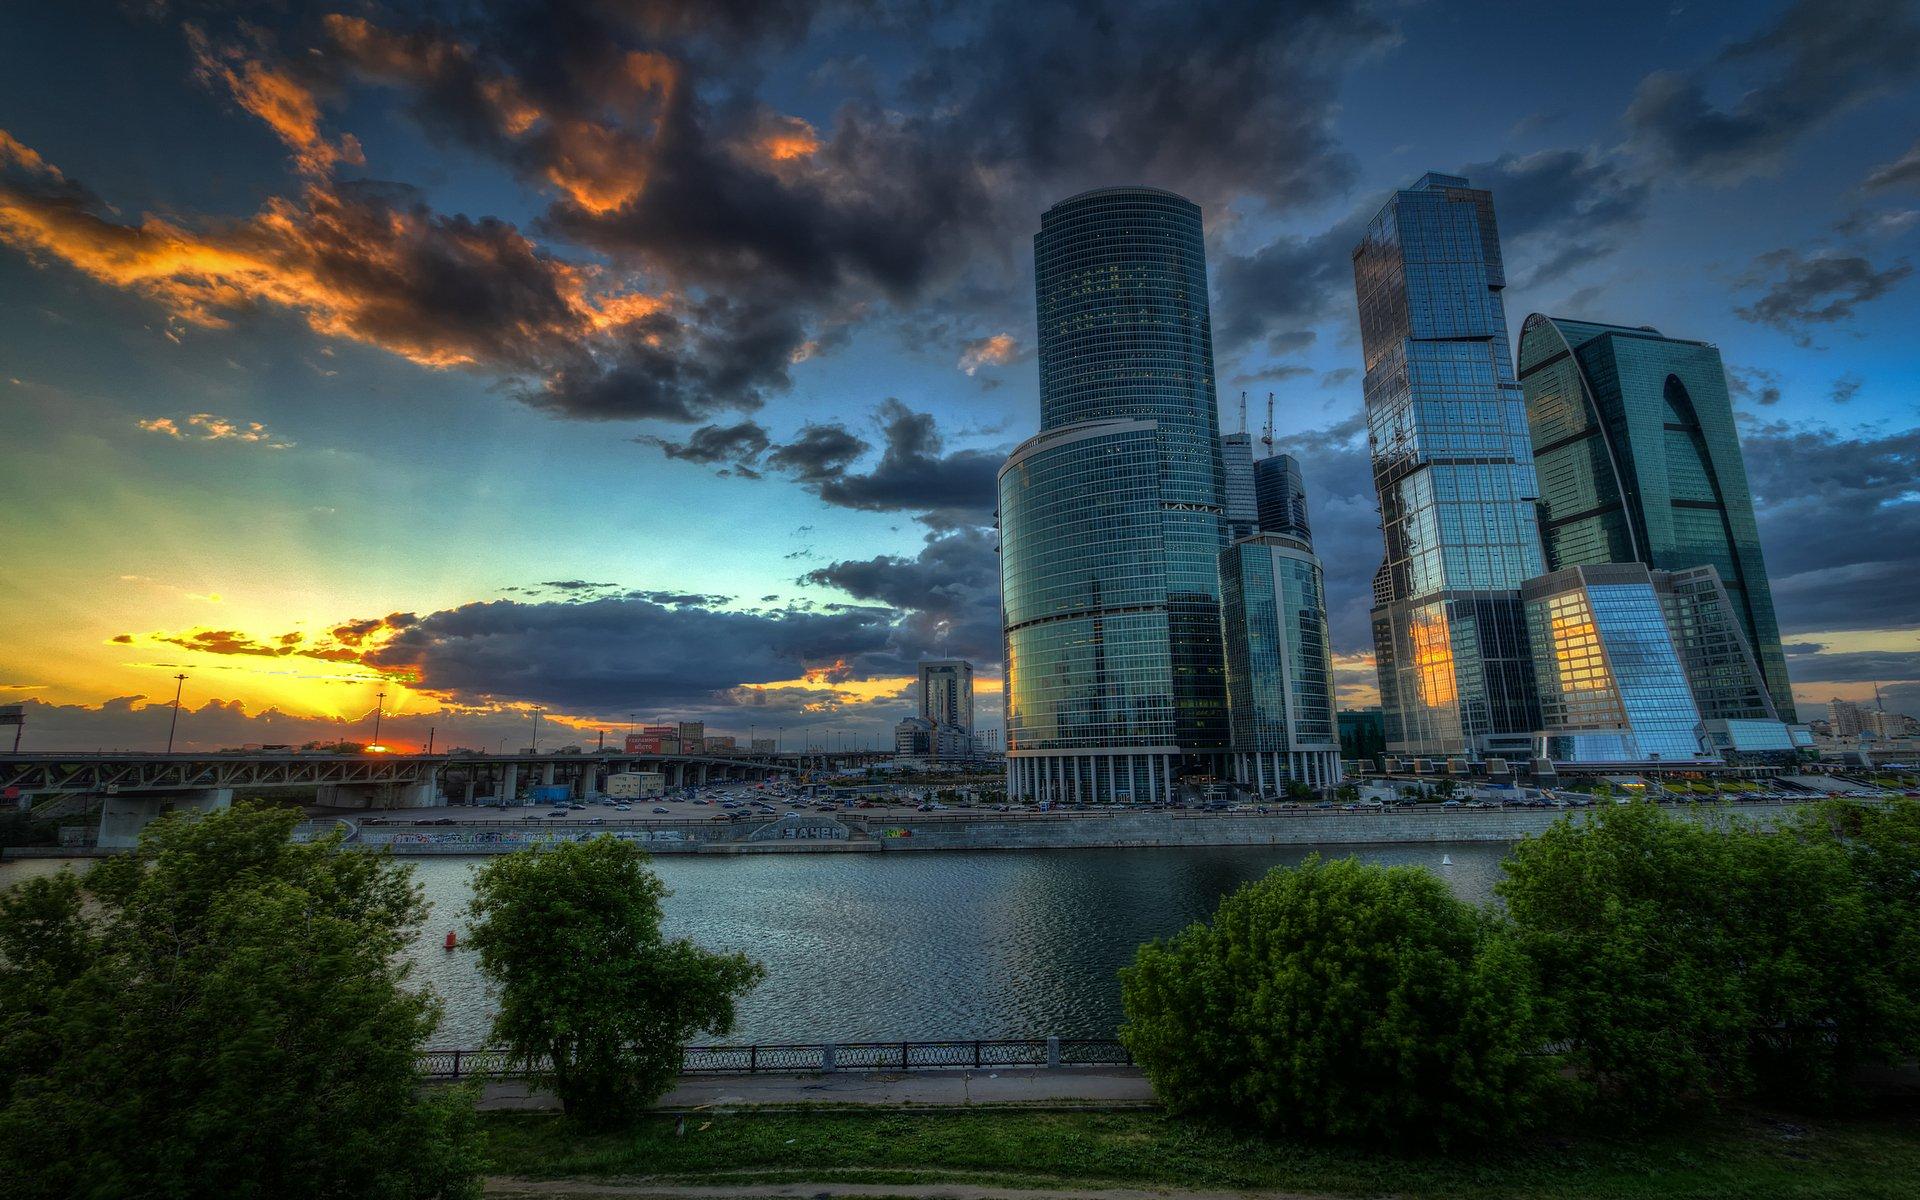 страны город архитектура ночь Москва сити Россия  № 2582919 загрузить